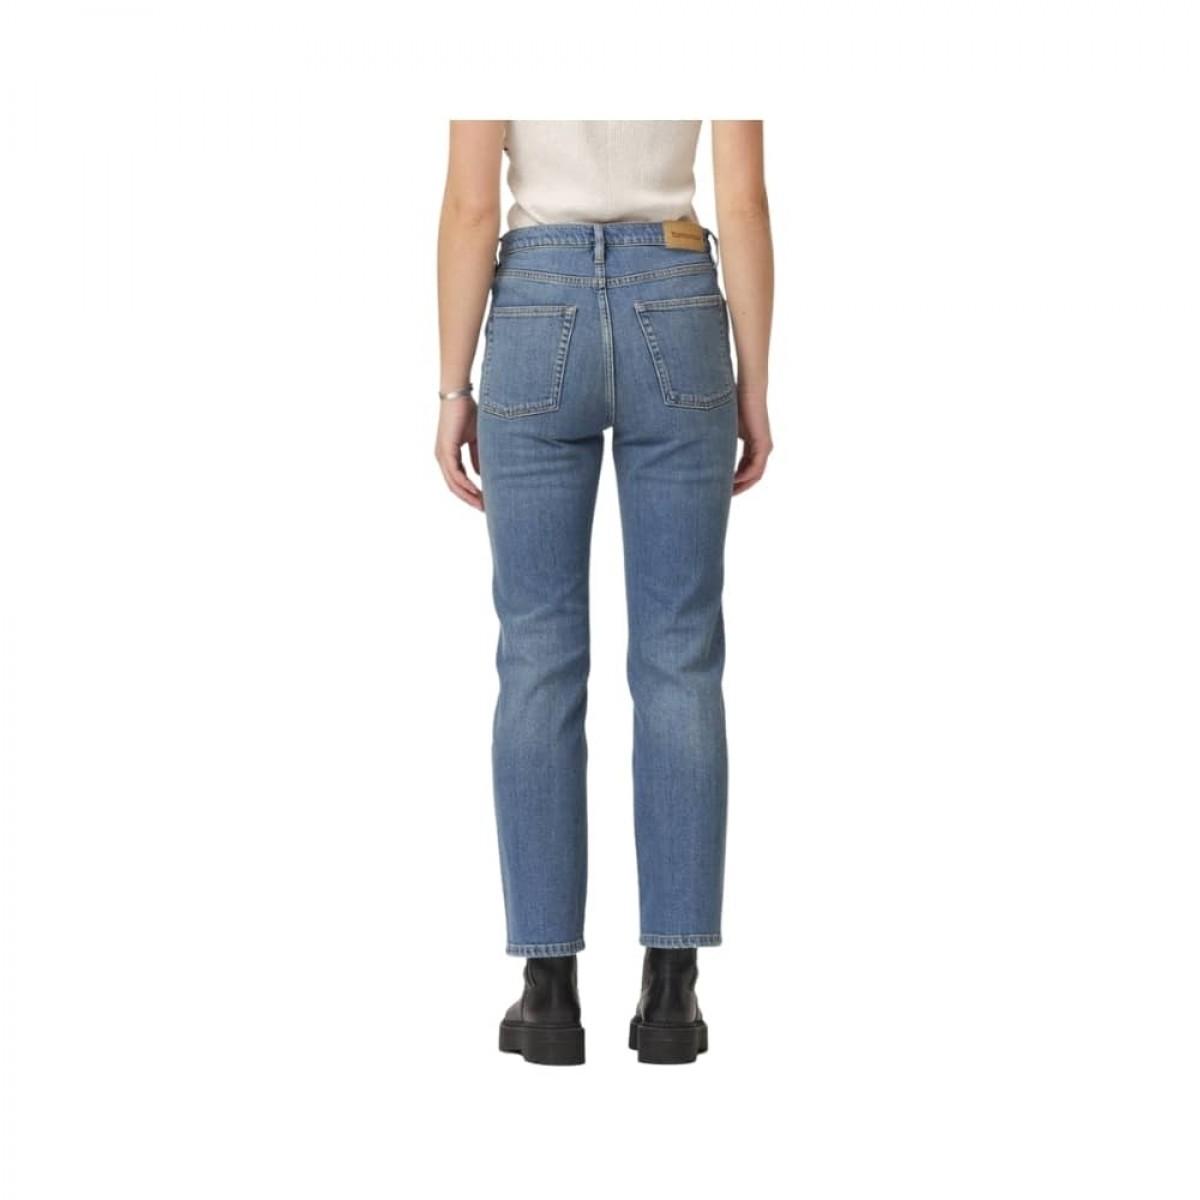 marston jeans - wash kairo - model bagfra